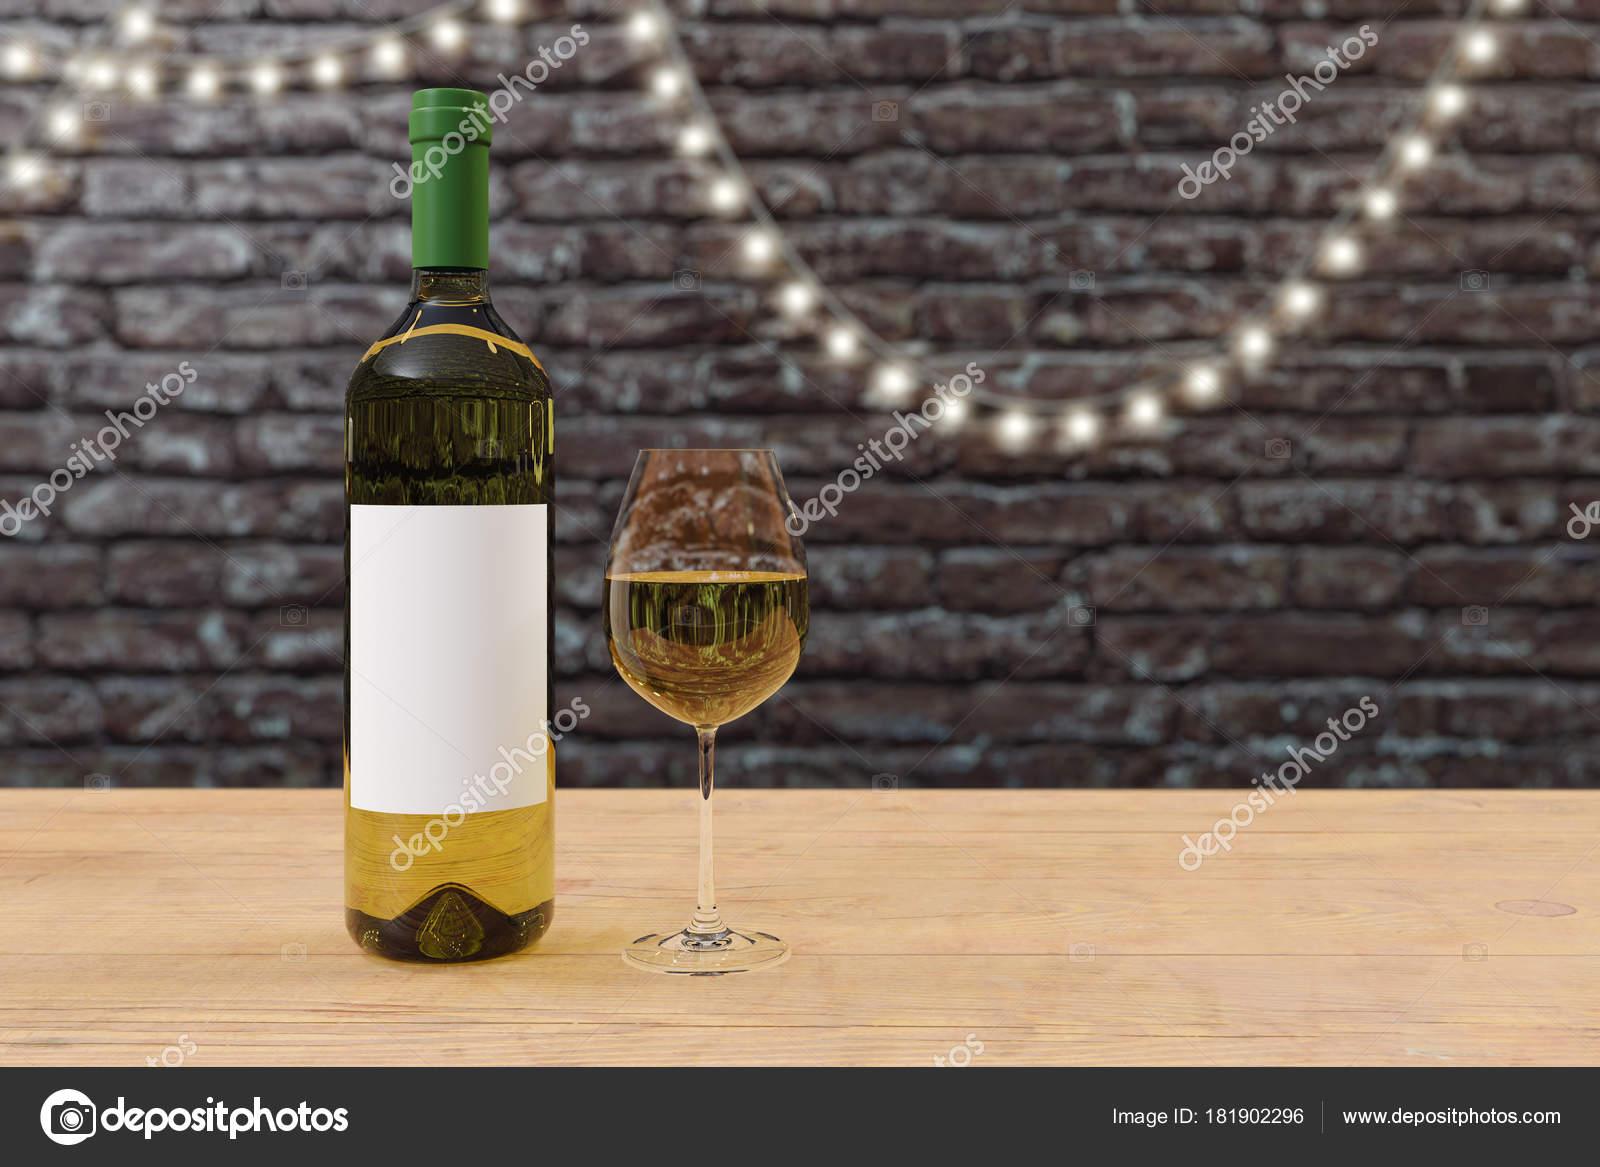 Pareti Con Bottiglie Di Vetro : Chiuda della bottiglia vino bianco con etichetta vuota vetro sul